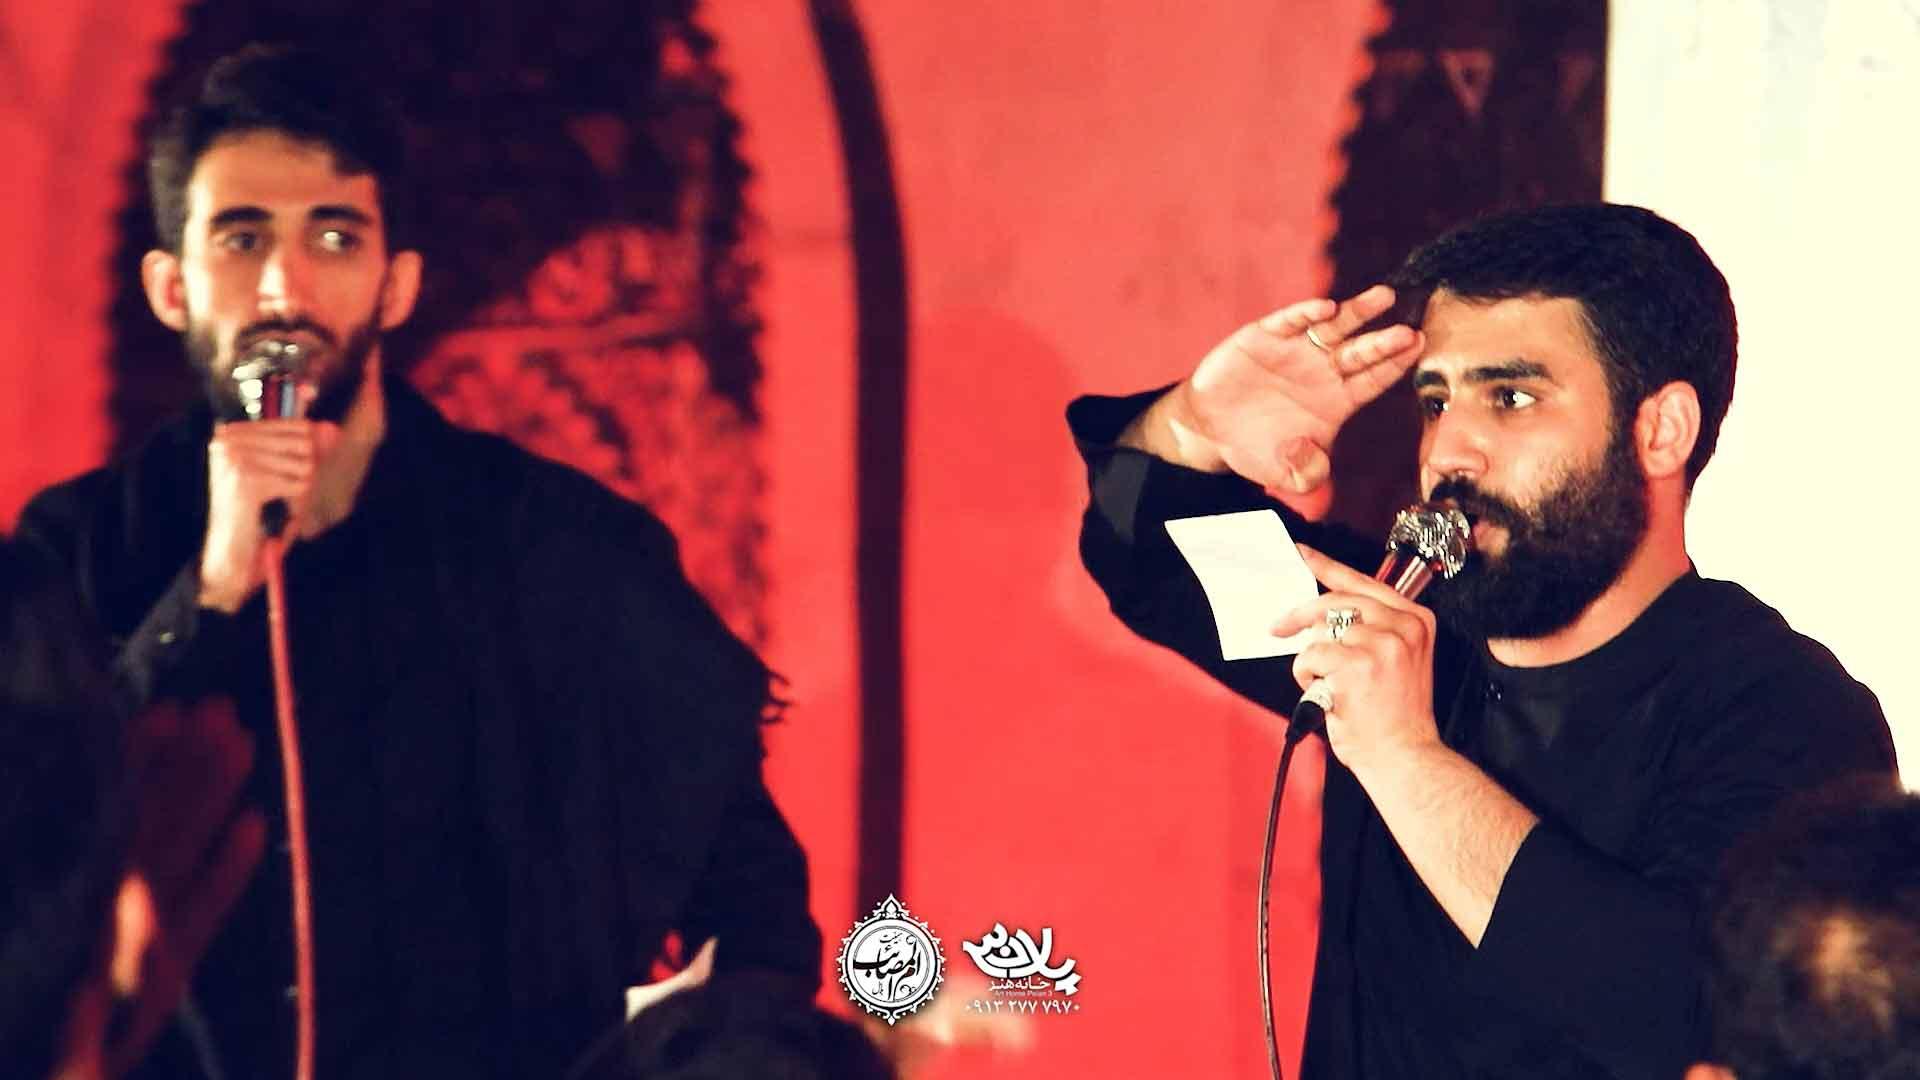 قهرمان زینب حسین طاهری